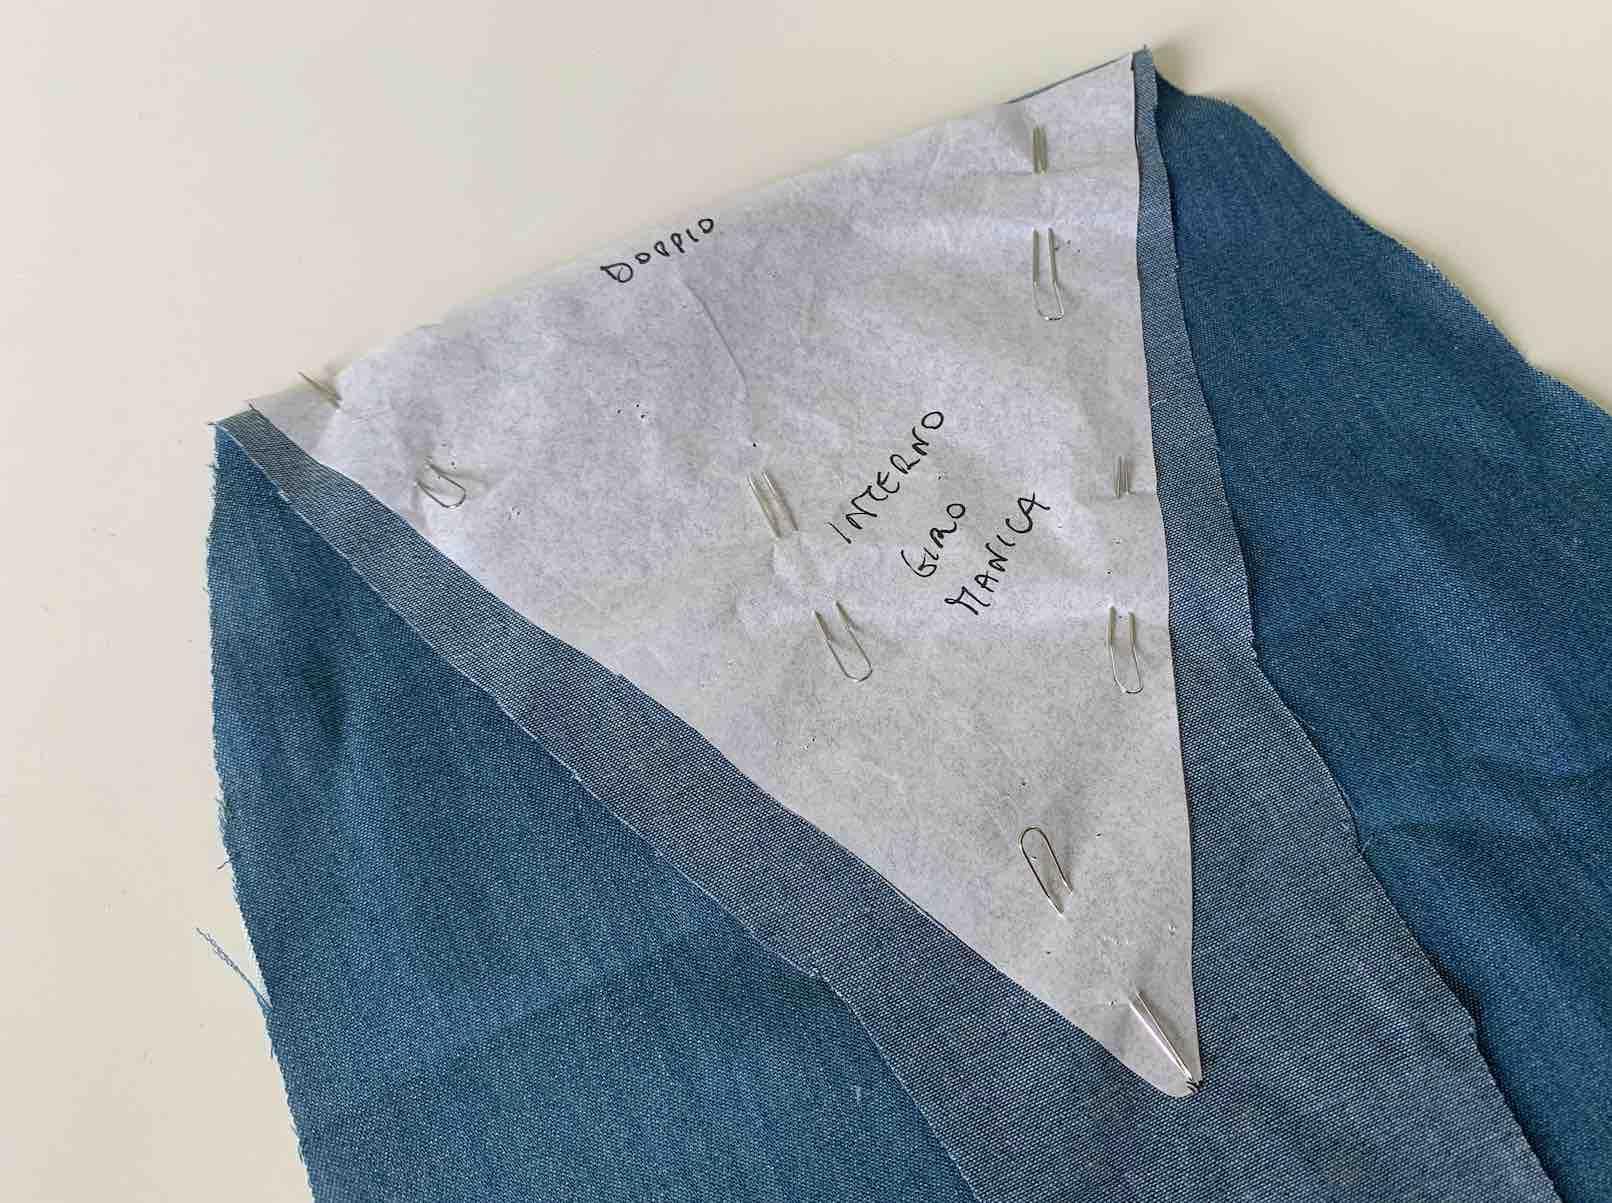 dettaglio del giro manica della camicetta